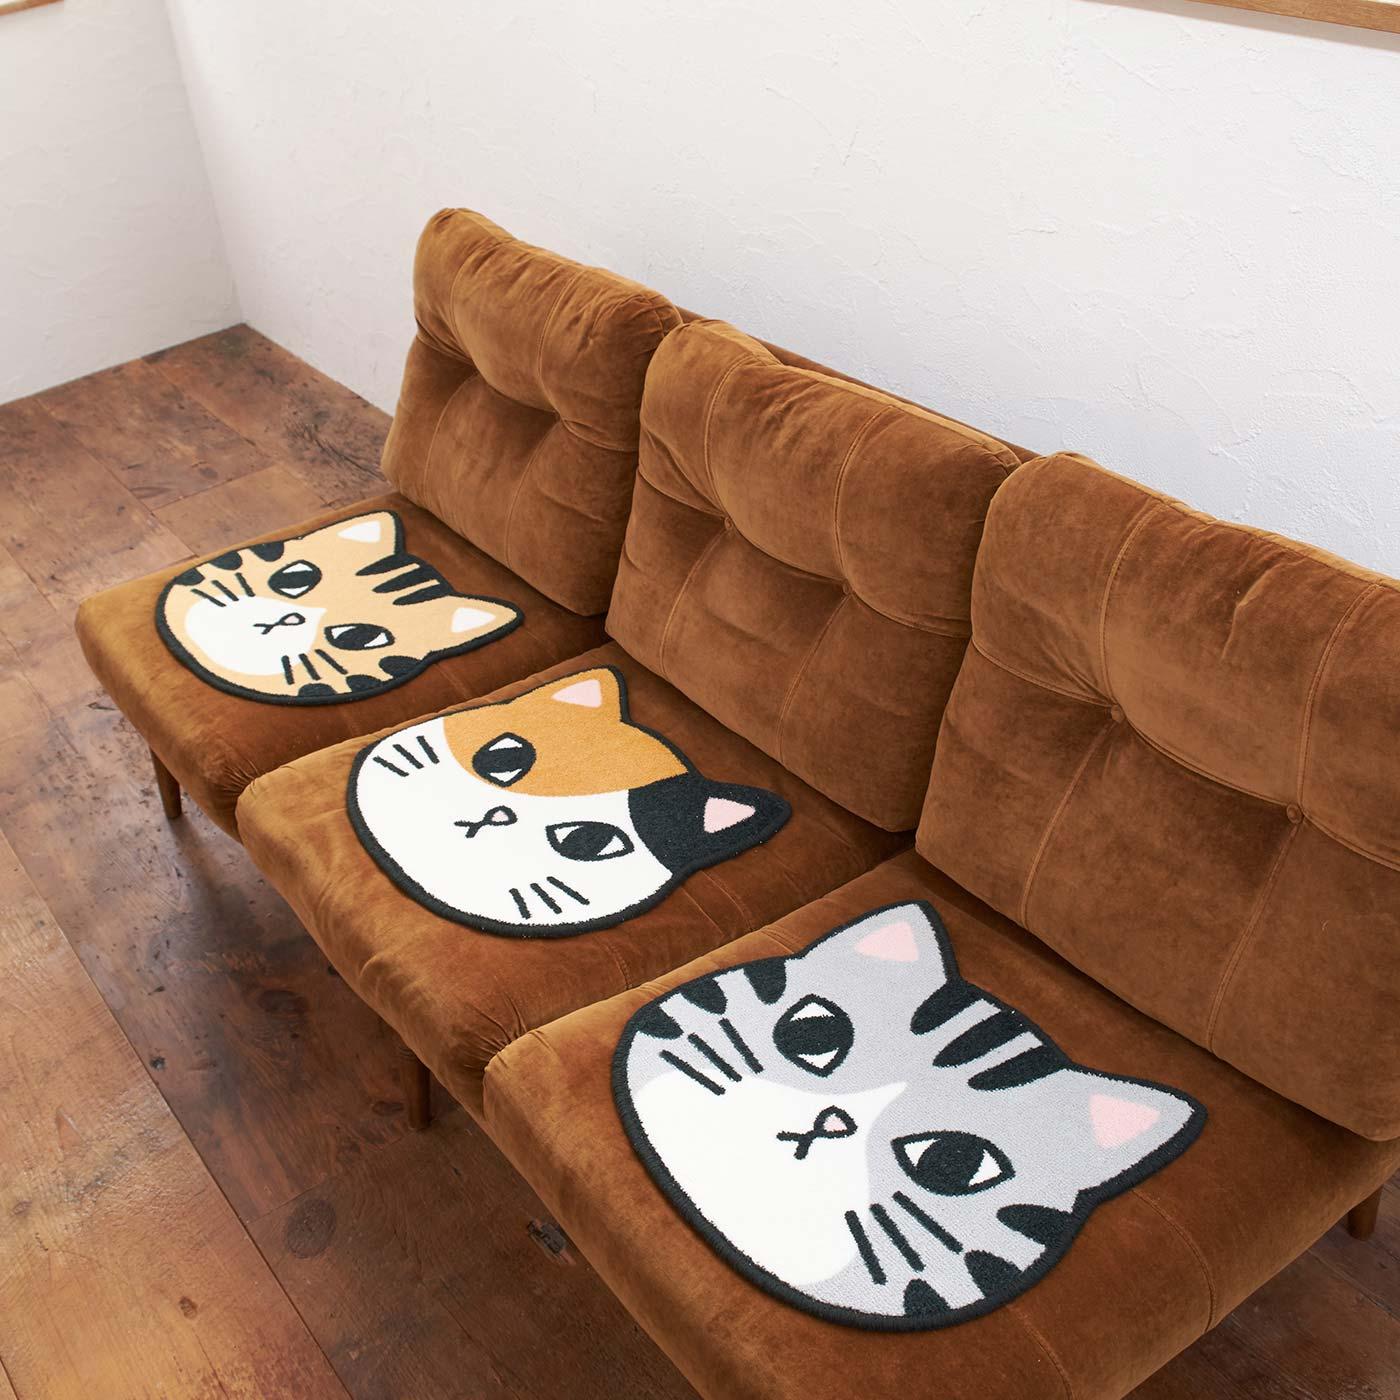 おうちでソファーやいすに敷いても。